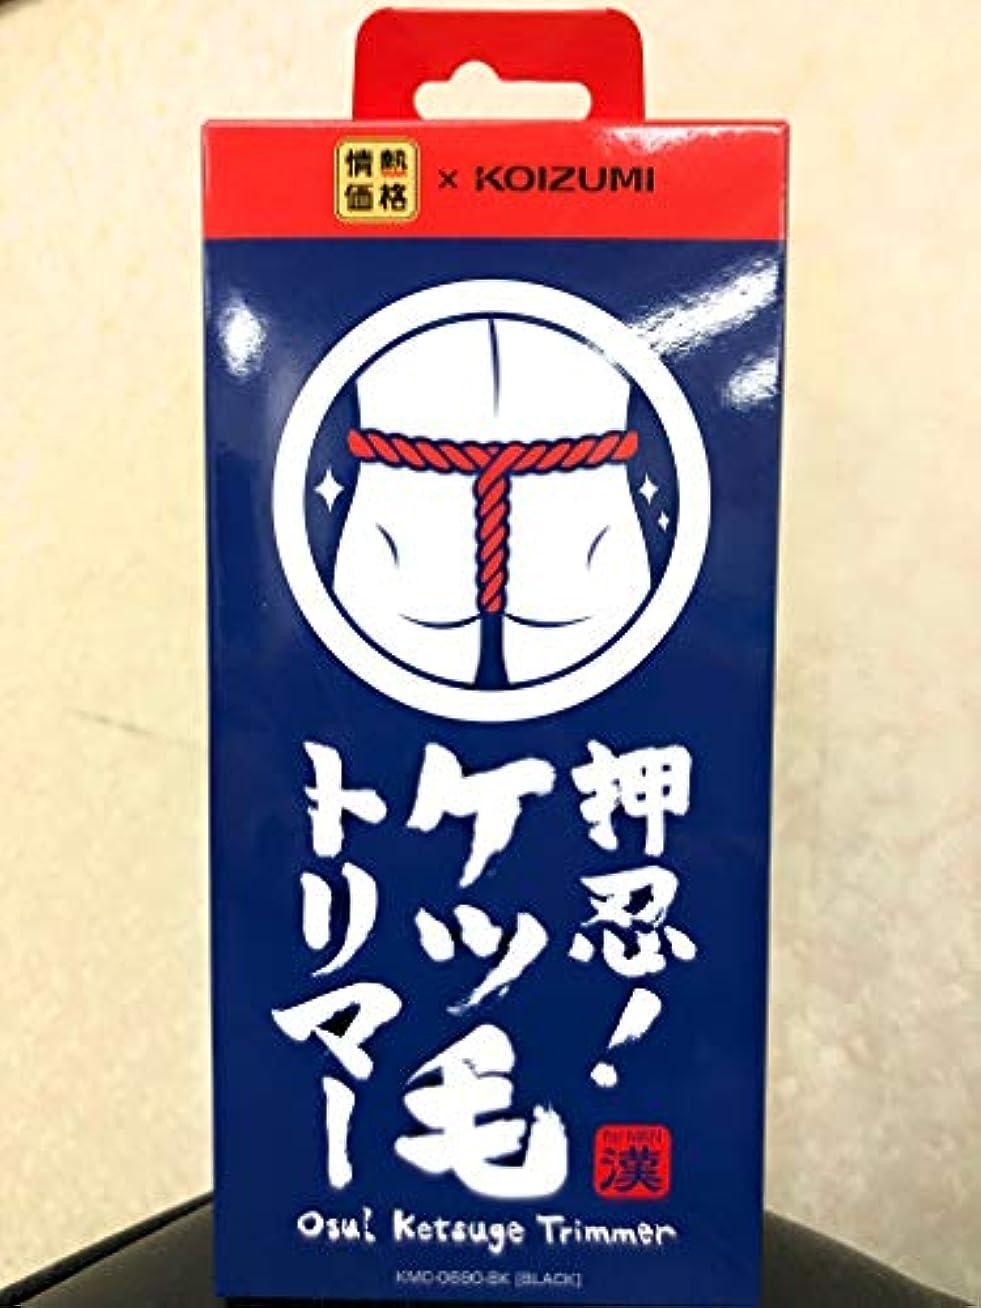 分散こどもセンター地球KOIZUMI 押忍!ケツ毛トリマー LEDライト搭載 KMC-0690-BK for MEN